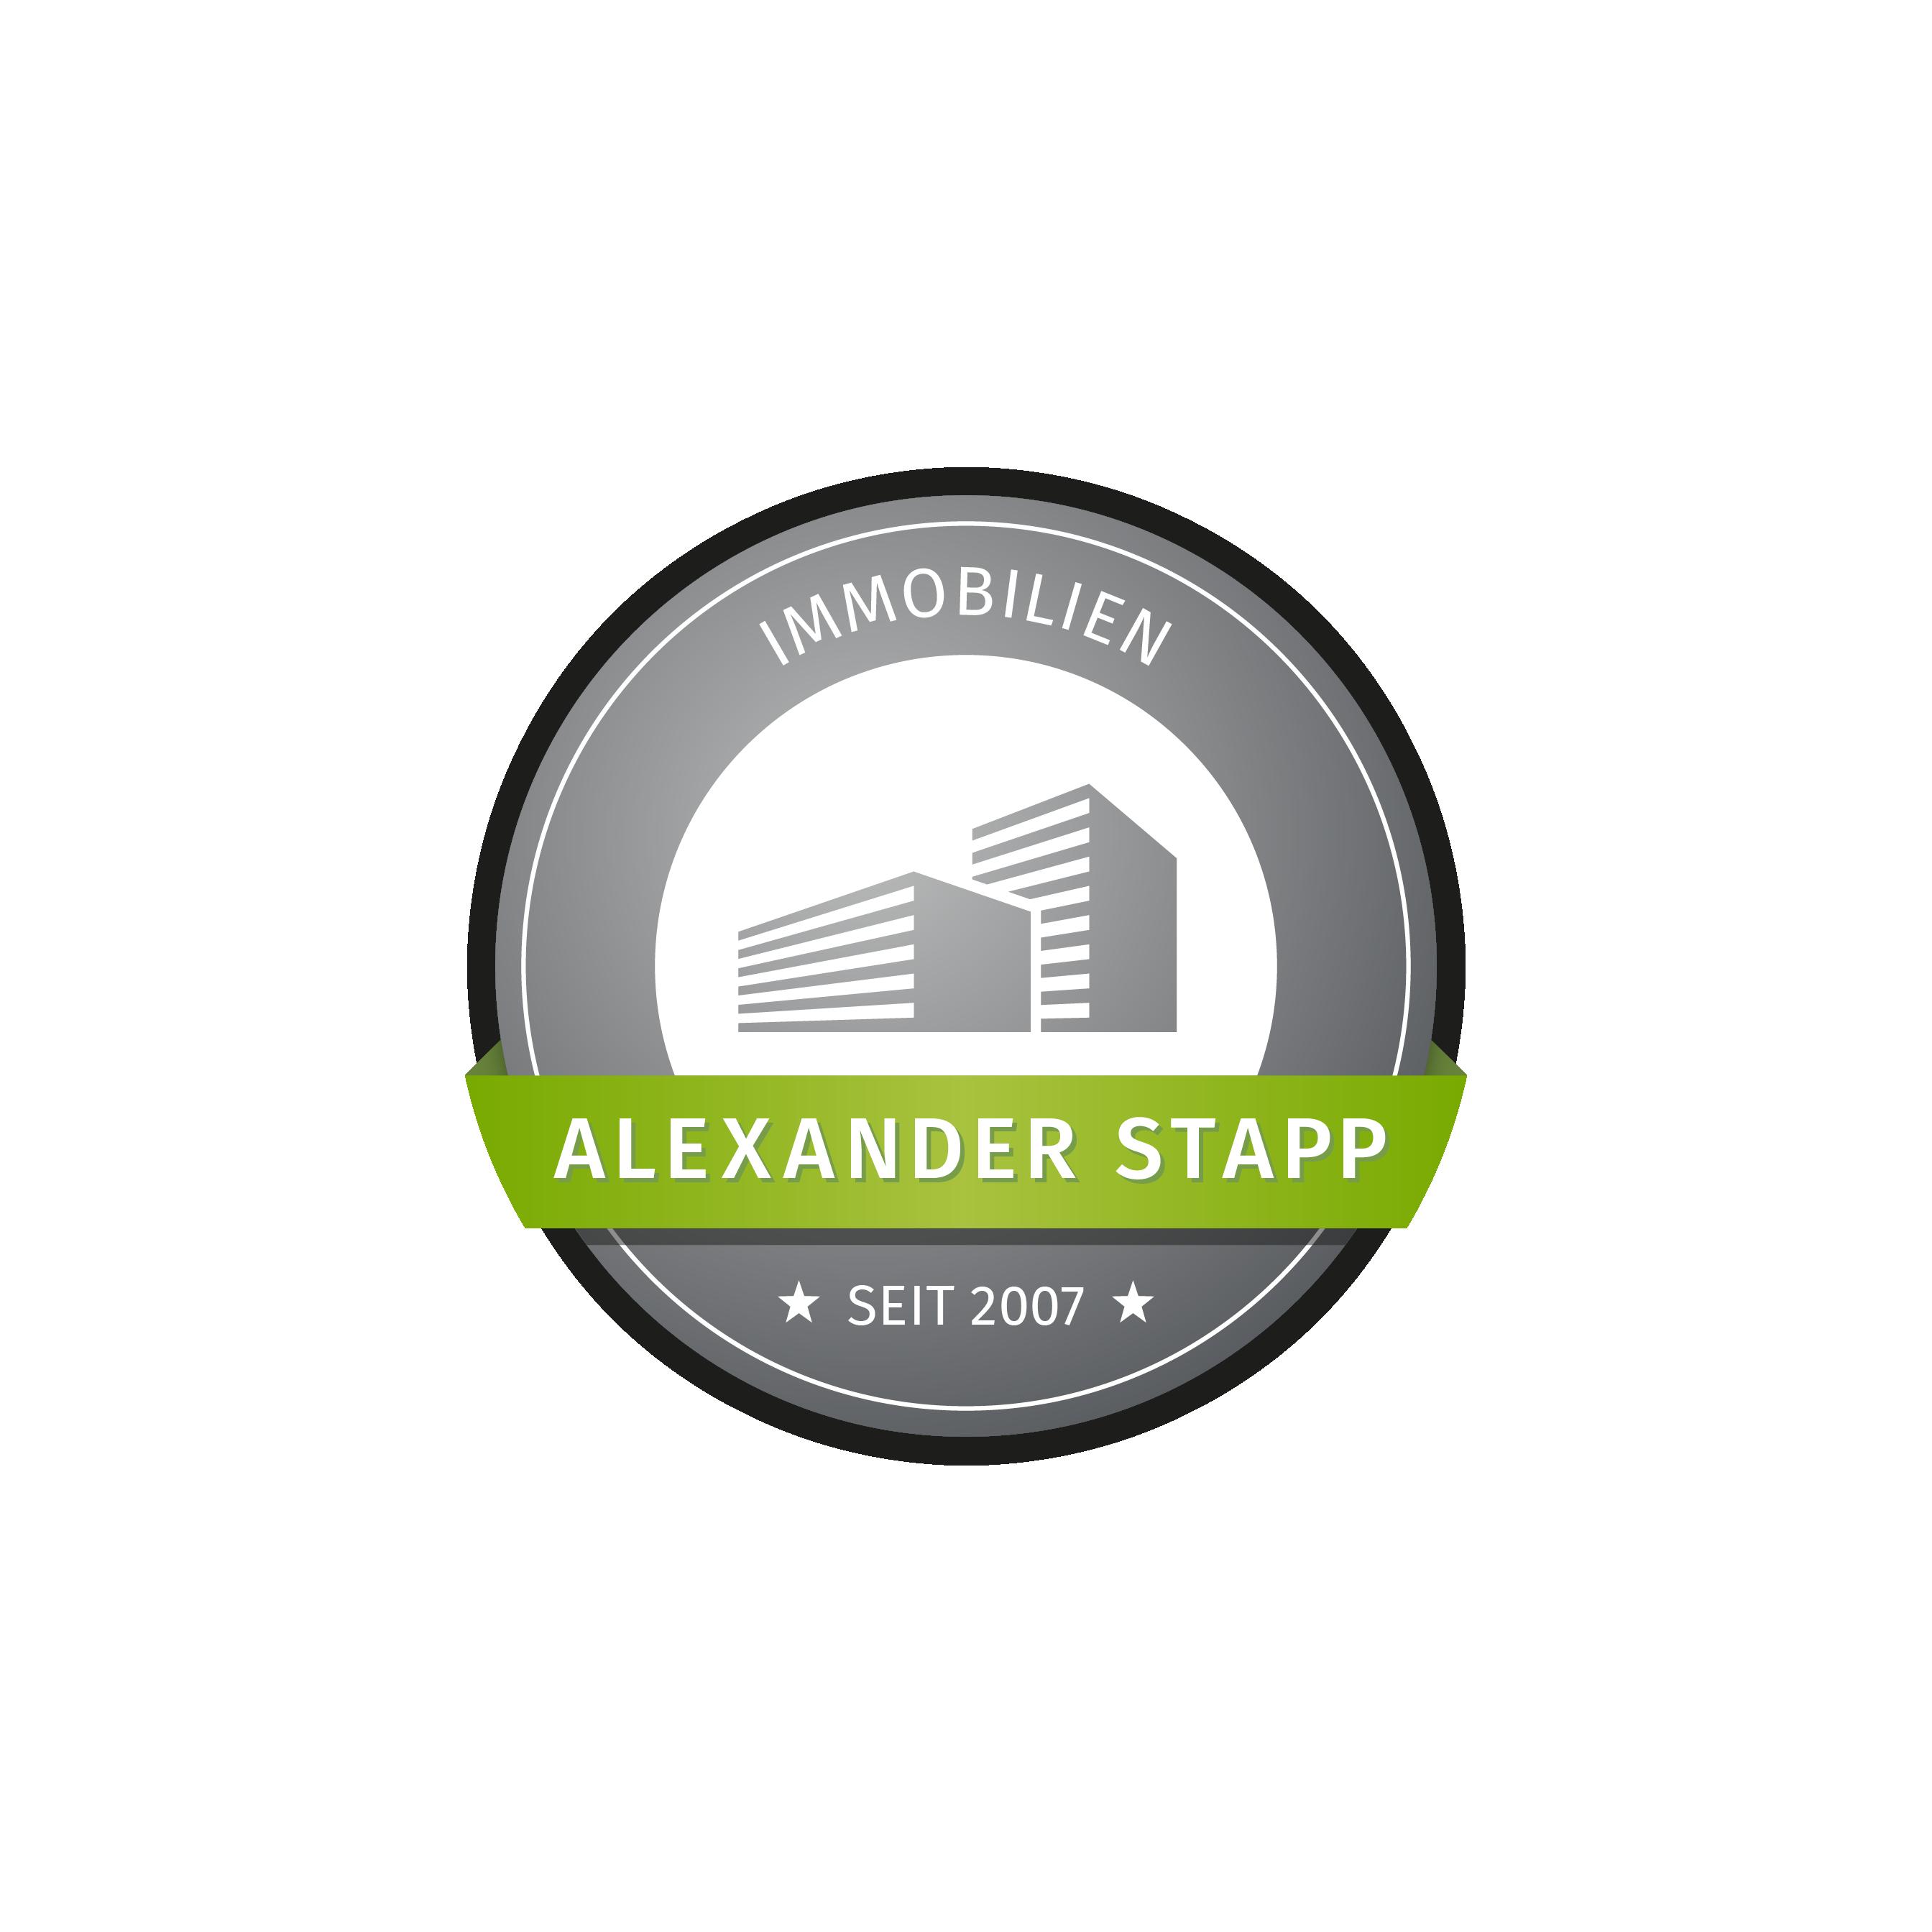 Hier sehen Sie das Logo von ALEXANDER STAPP | Immobilien